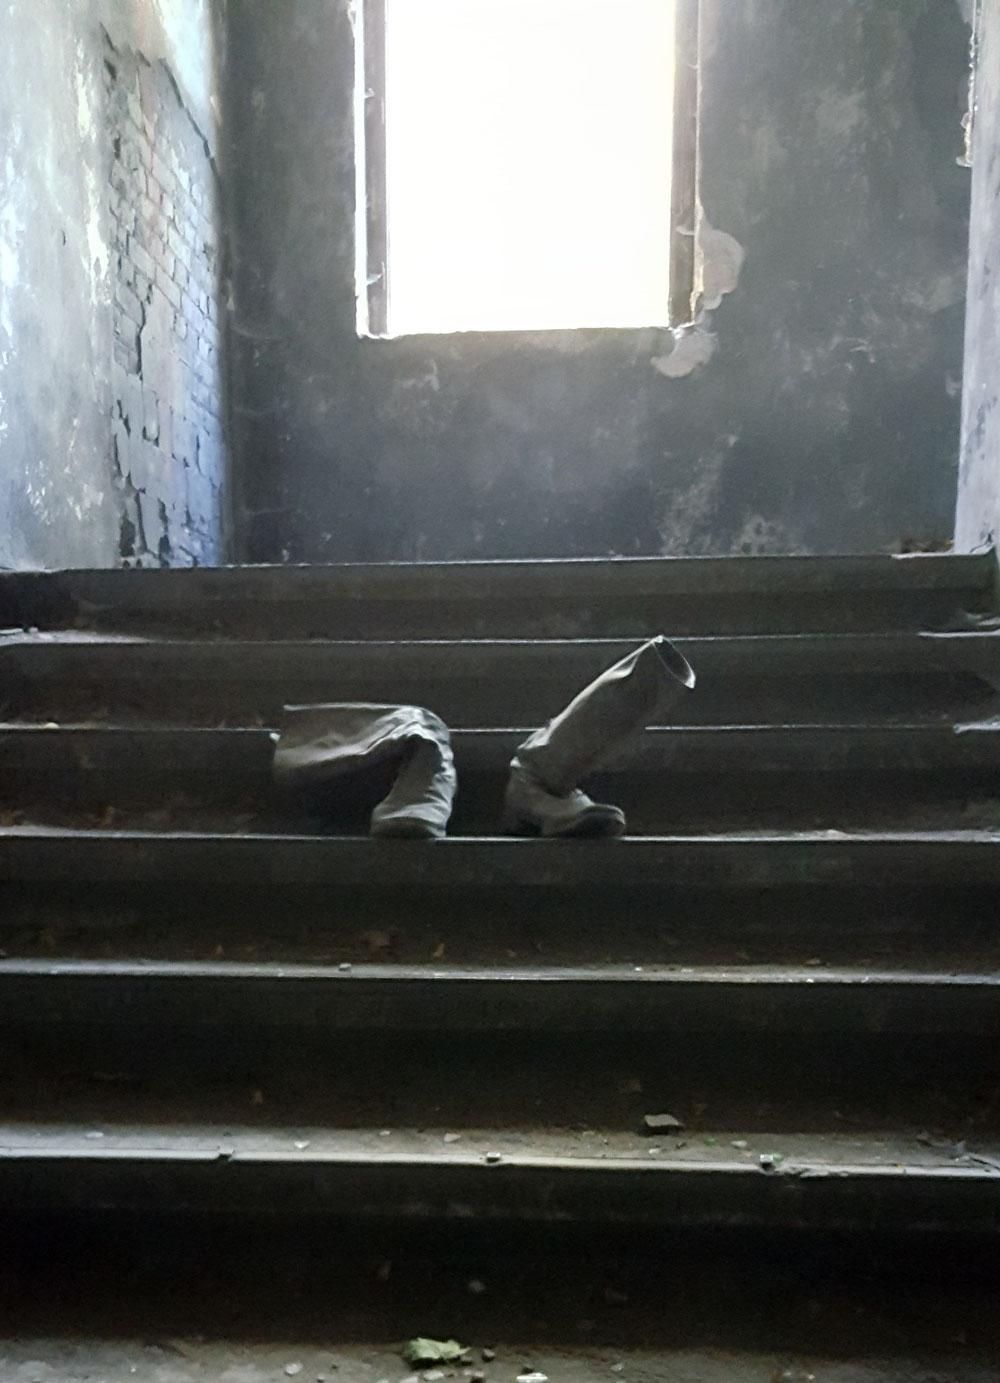 Vergessene Soldatenstiefel auf einer Treppe